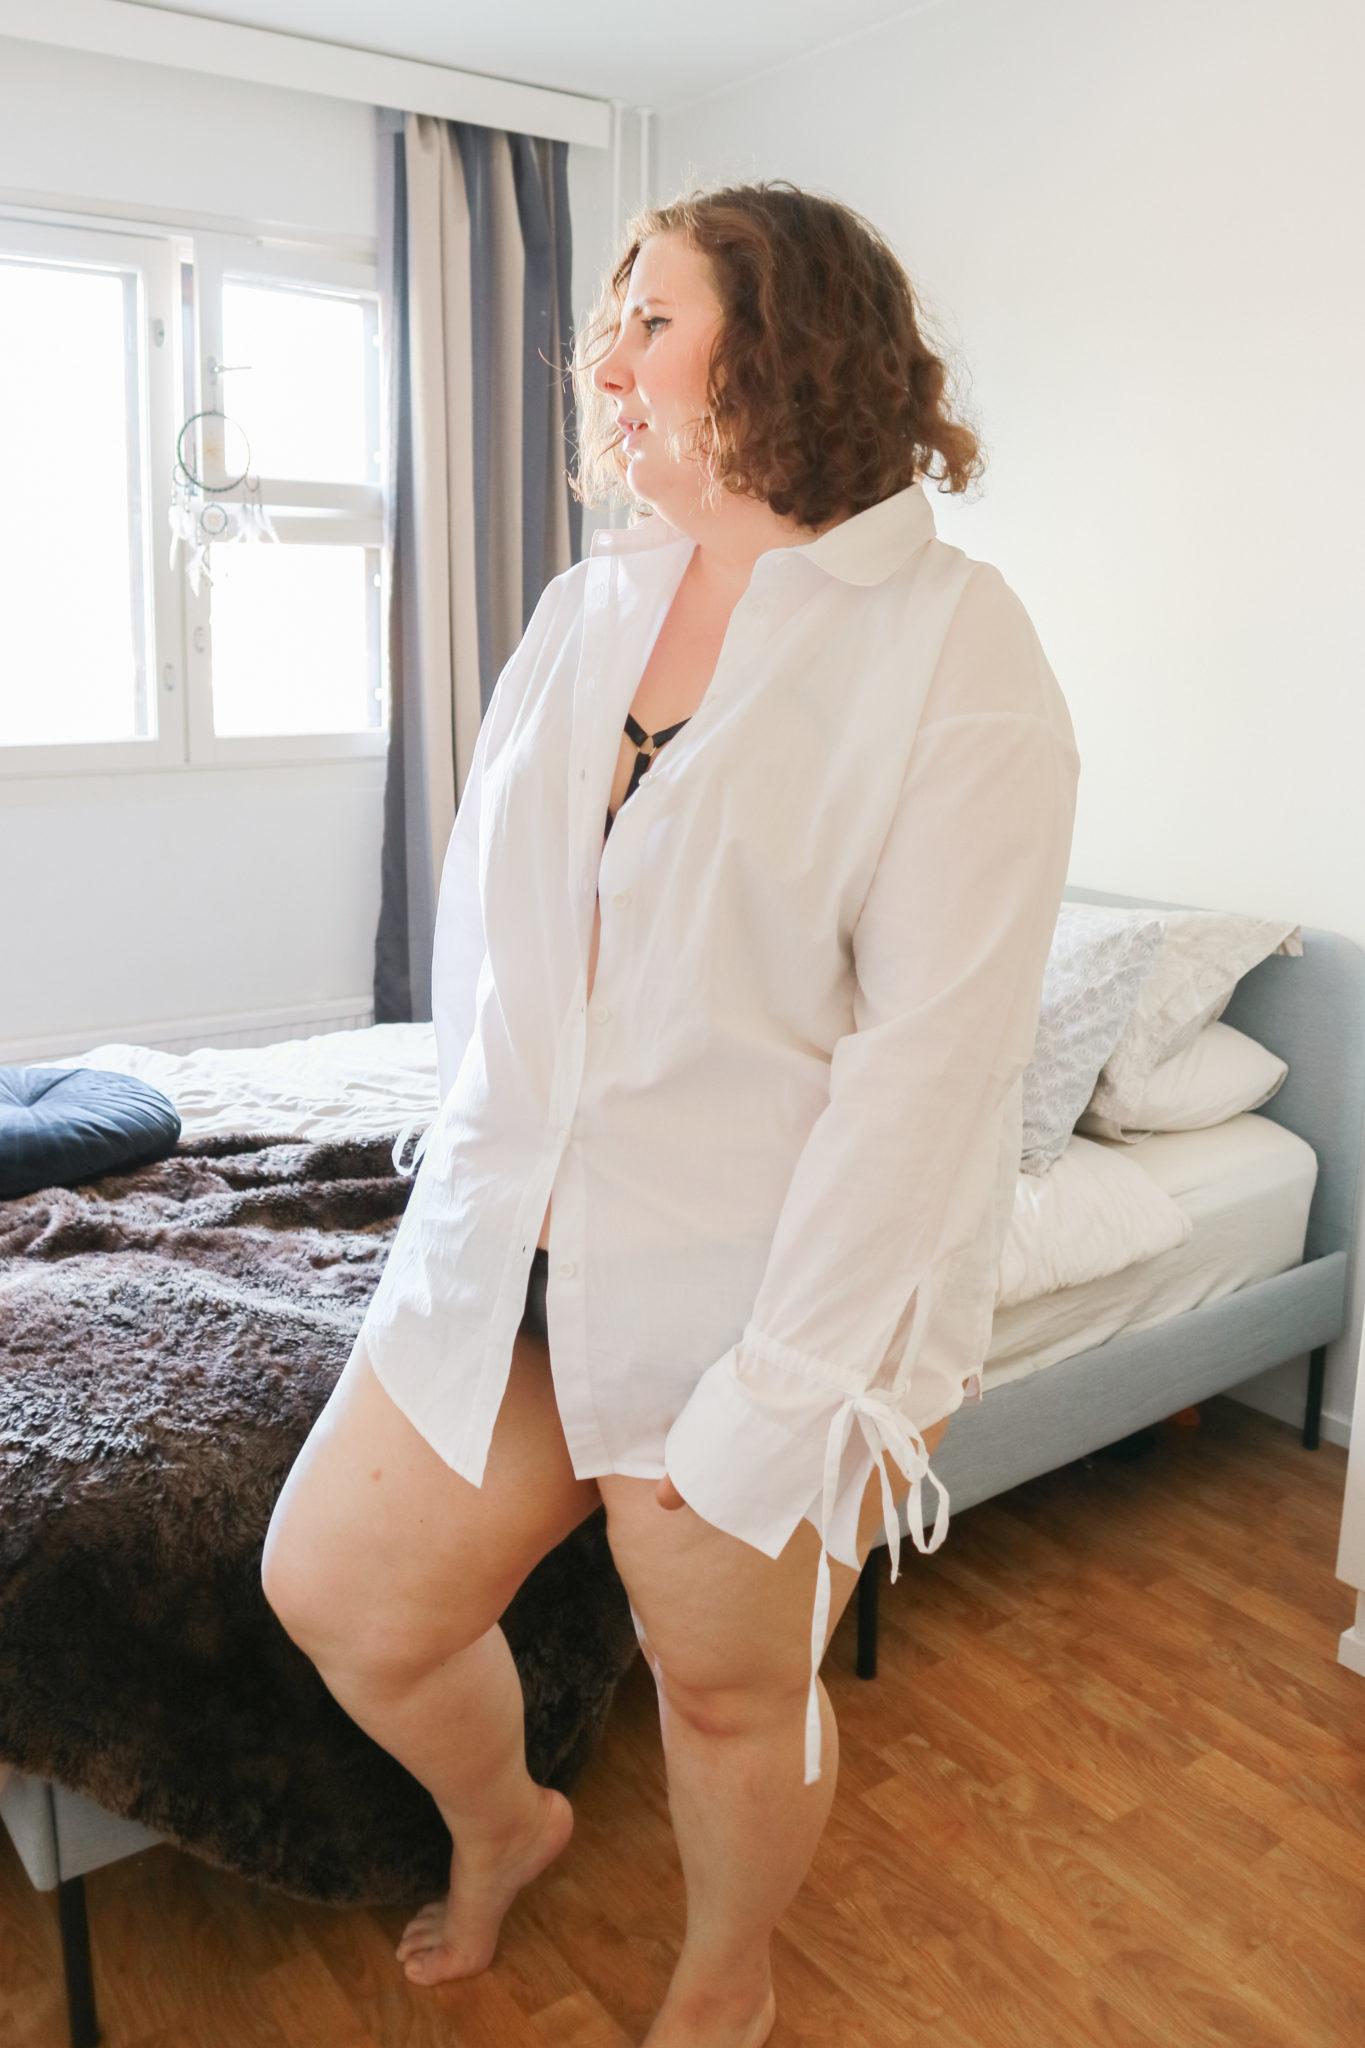 Naisen nautinto - BMH - Big mamas home by Jenni